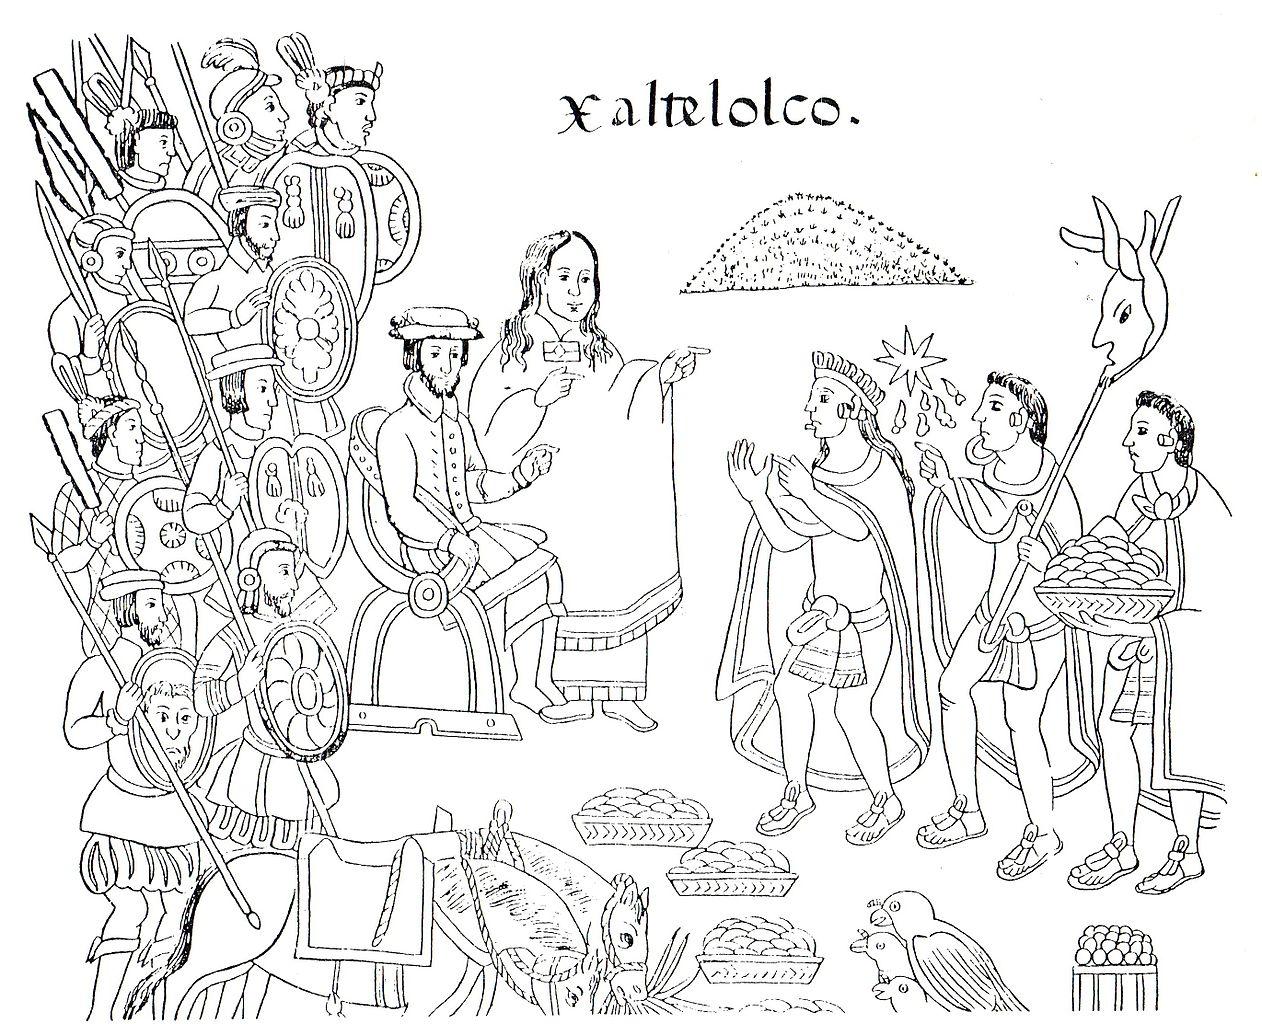 Кортес и Малинче в городе Шалтелолько. Тласкаланское изображение XVI века.jpg